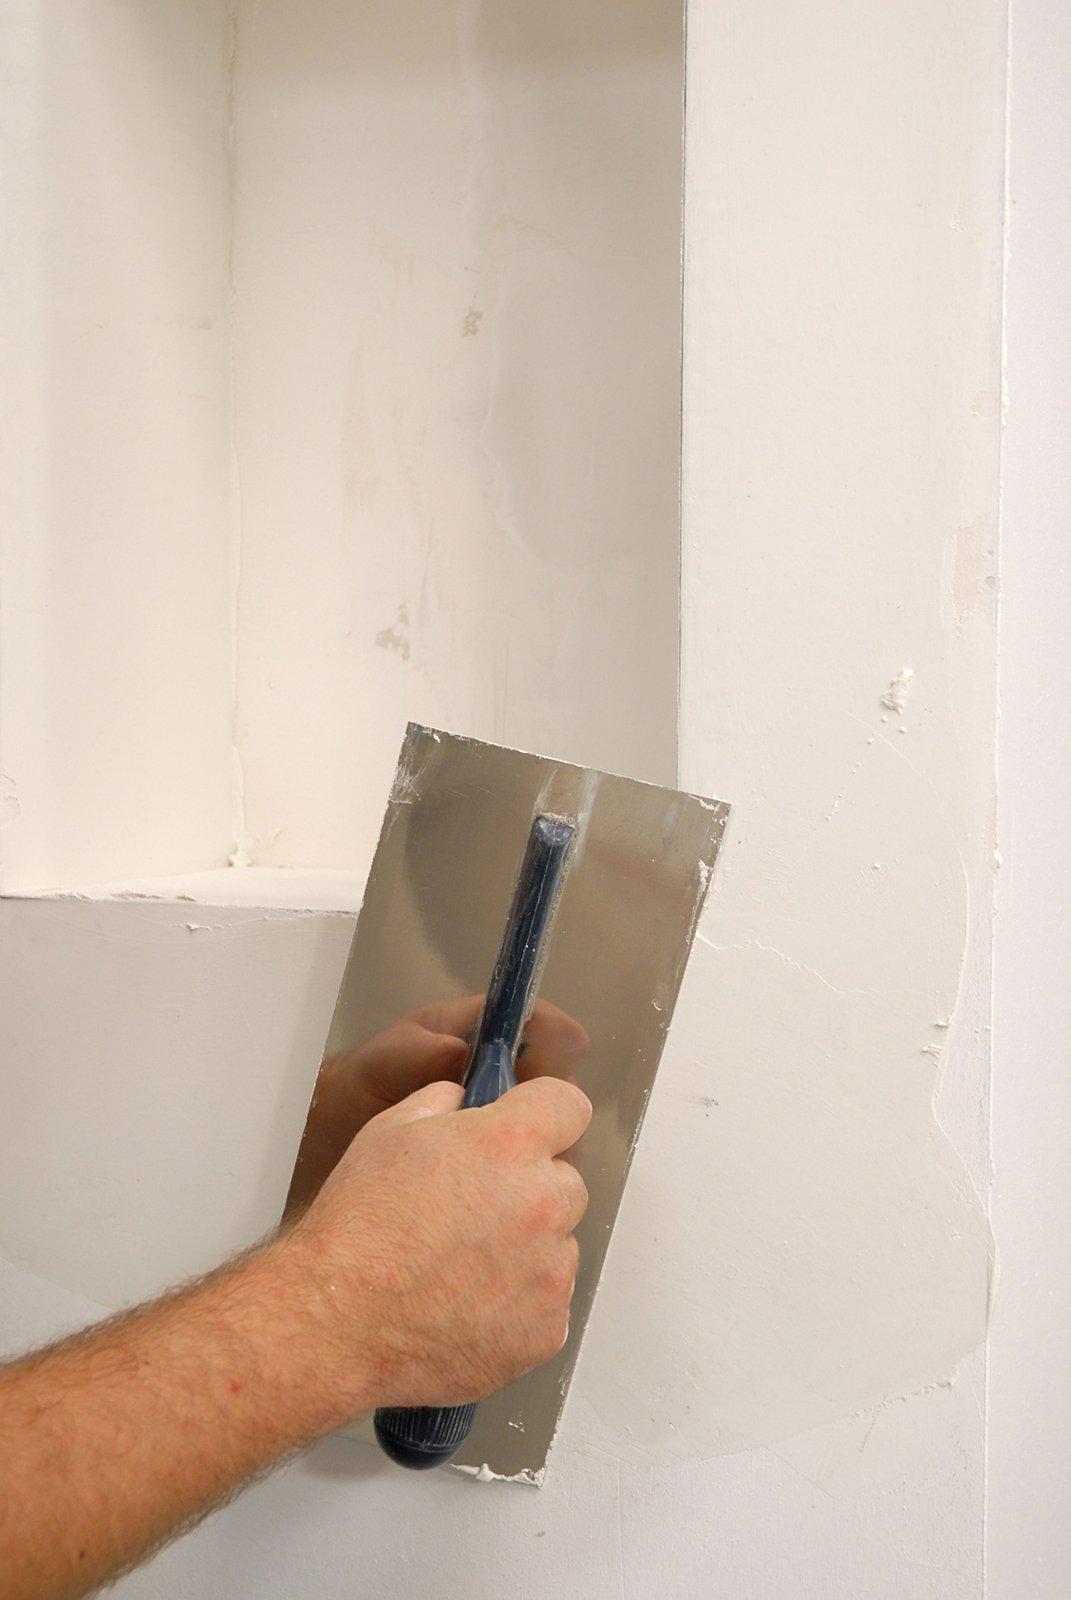 Cemento Premiscelato Per Top Cucina intonaci per interni: tipologie, rasatura pareti, prodotti